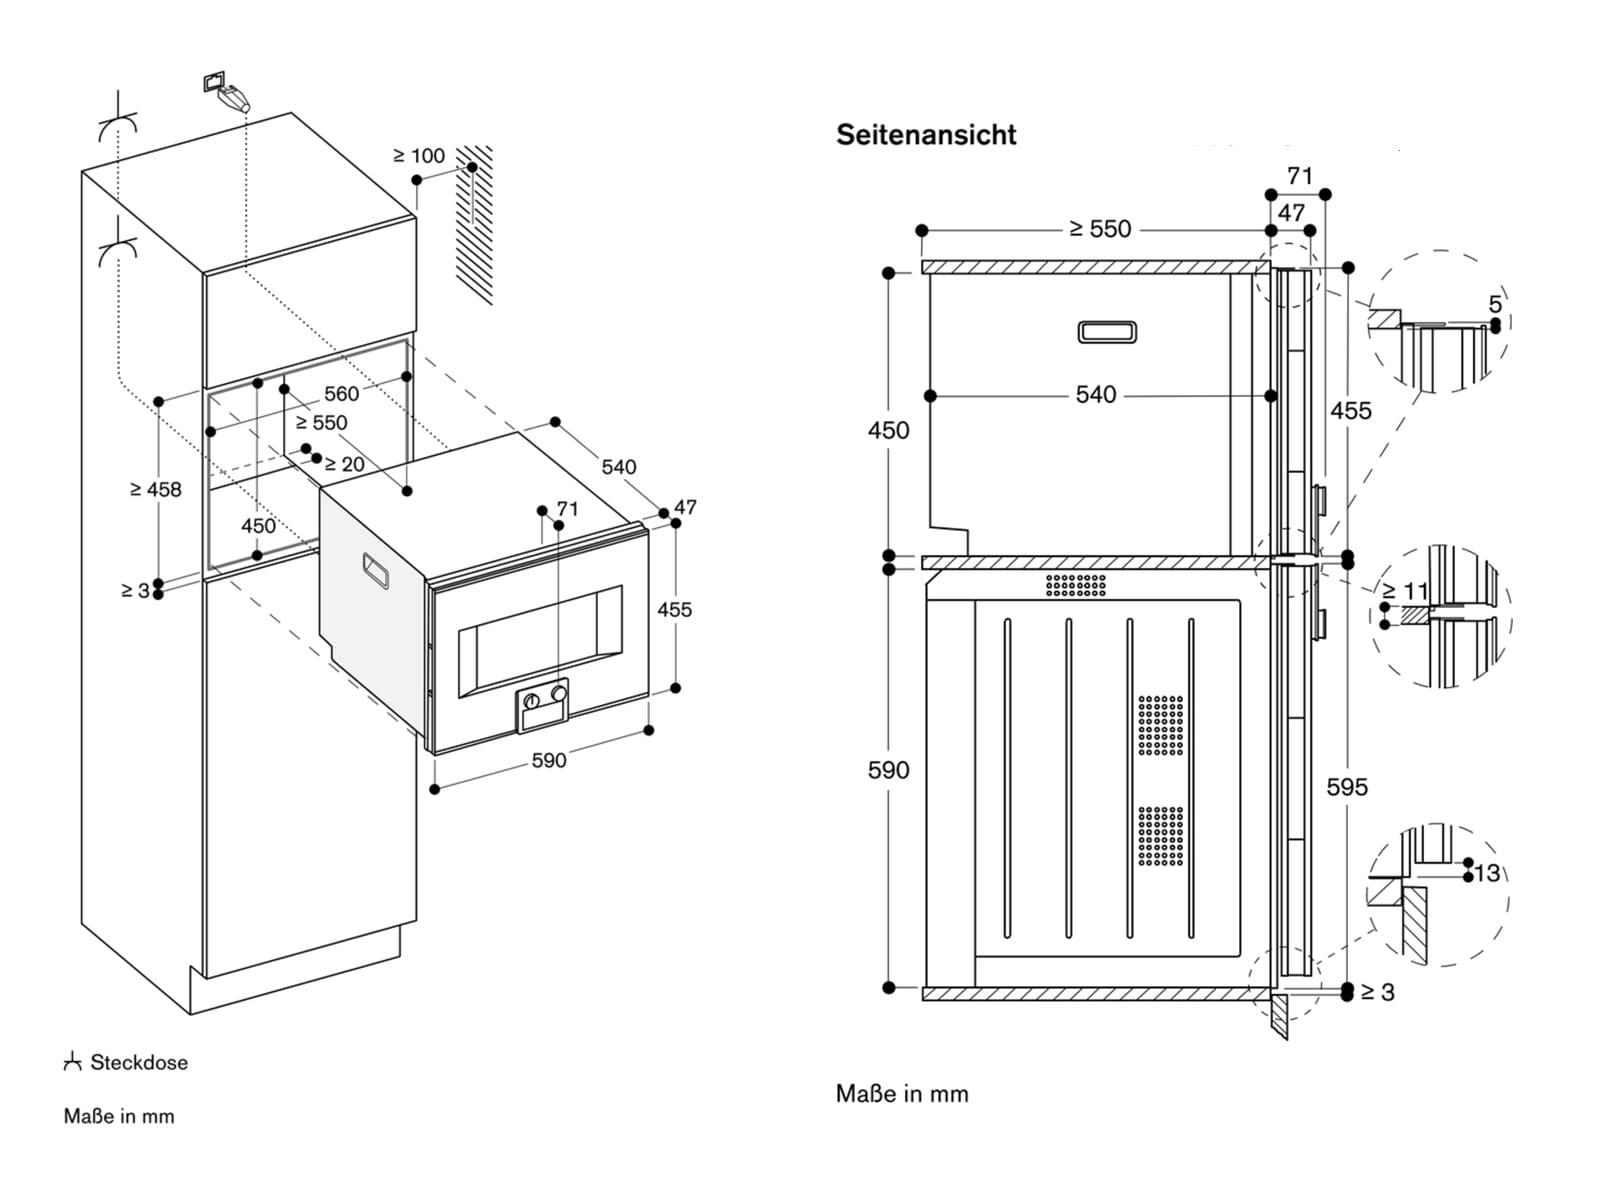 Gaggenau BS 450 111 Dampfbackofen Serie 400 Edelstahl/Glas